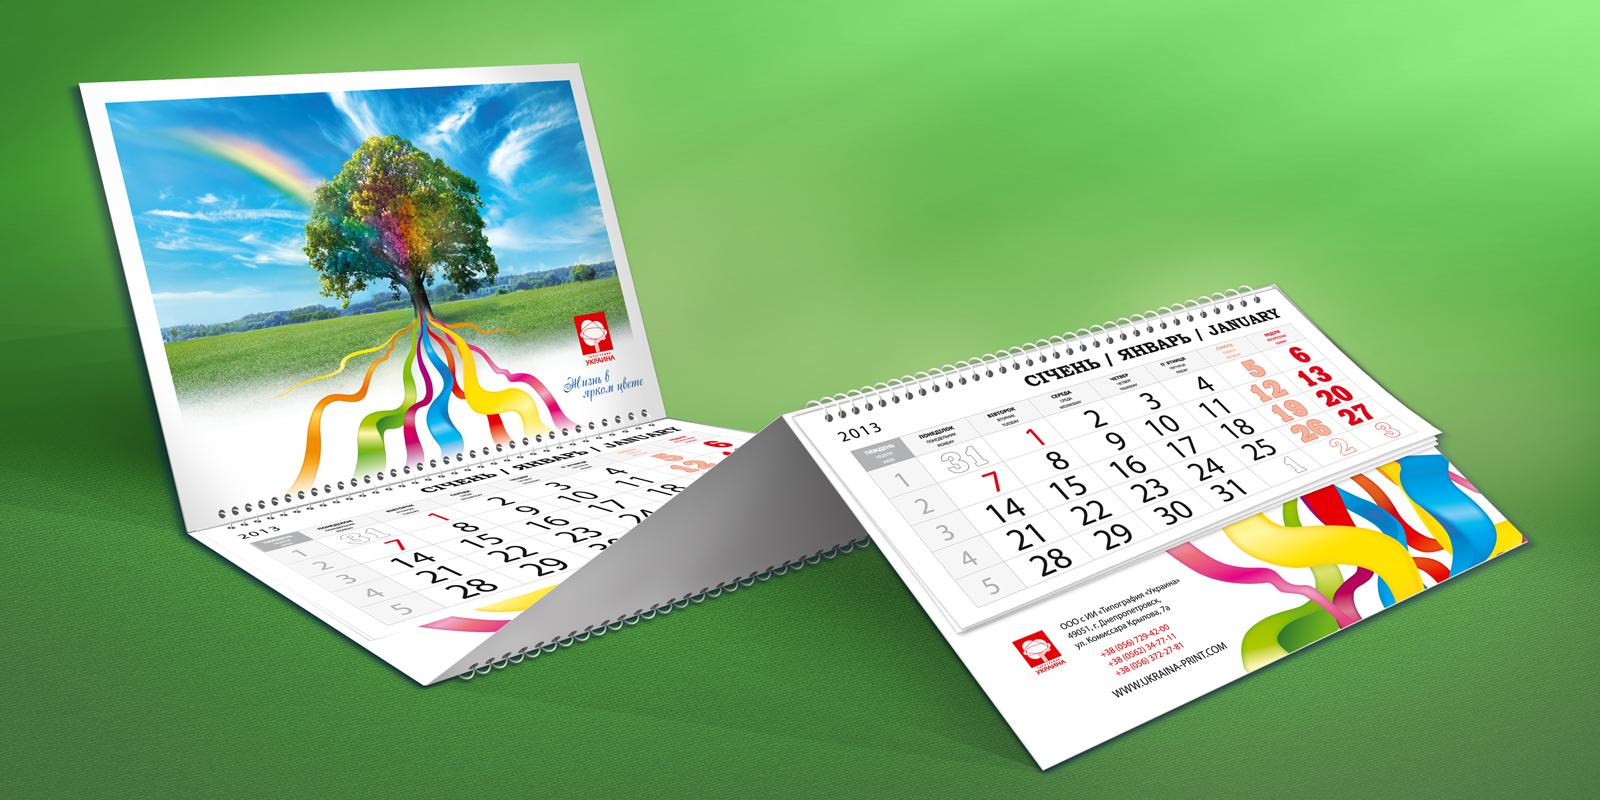 Типография «Украина»;;;;;;Разработка дизайна календаря;;;;;;<span>Клиент:</span> Типография «Украина»;;;;;;;;;;;;Разработка дизайна календаря;;;;;; 5 ;;;;;;